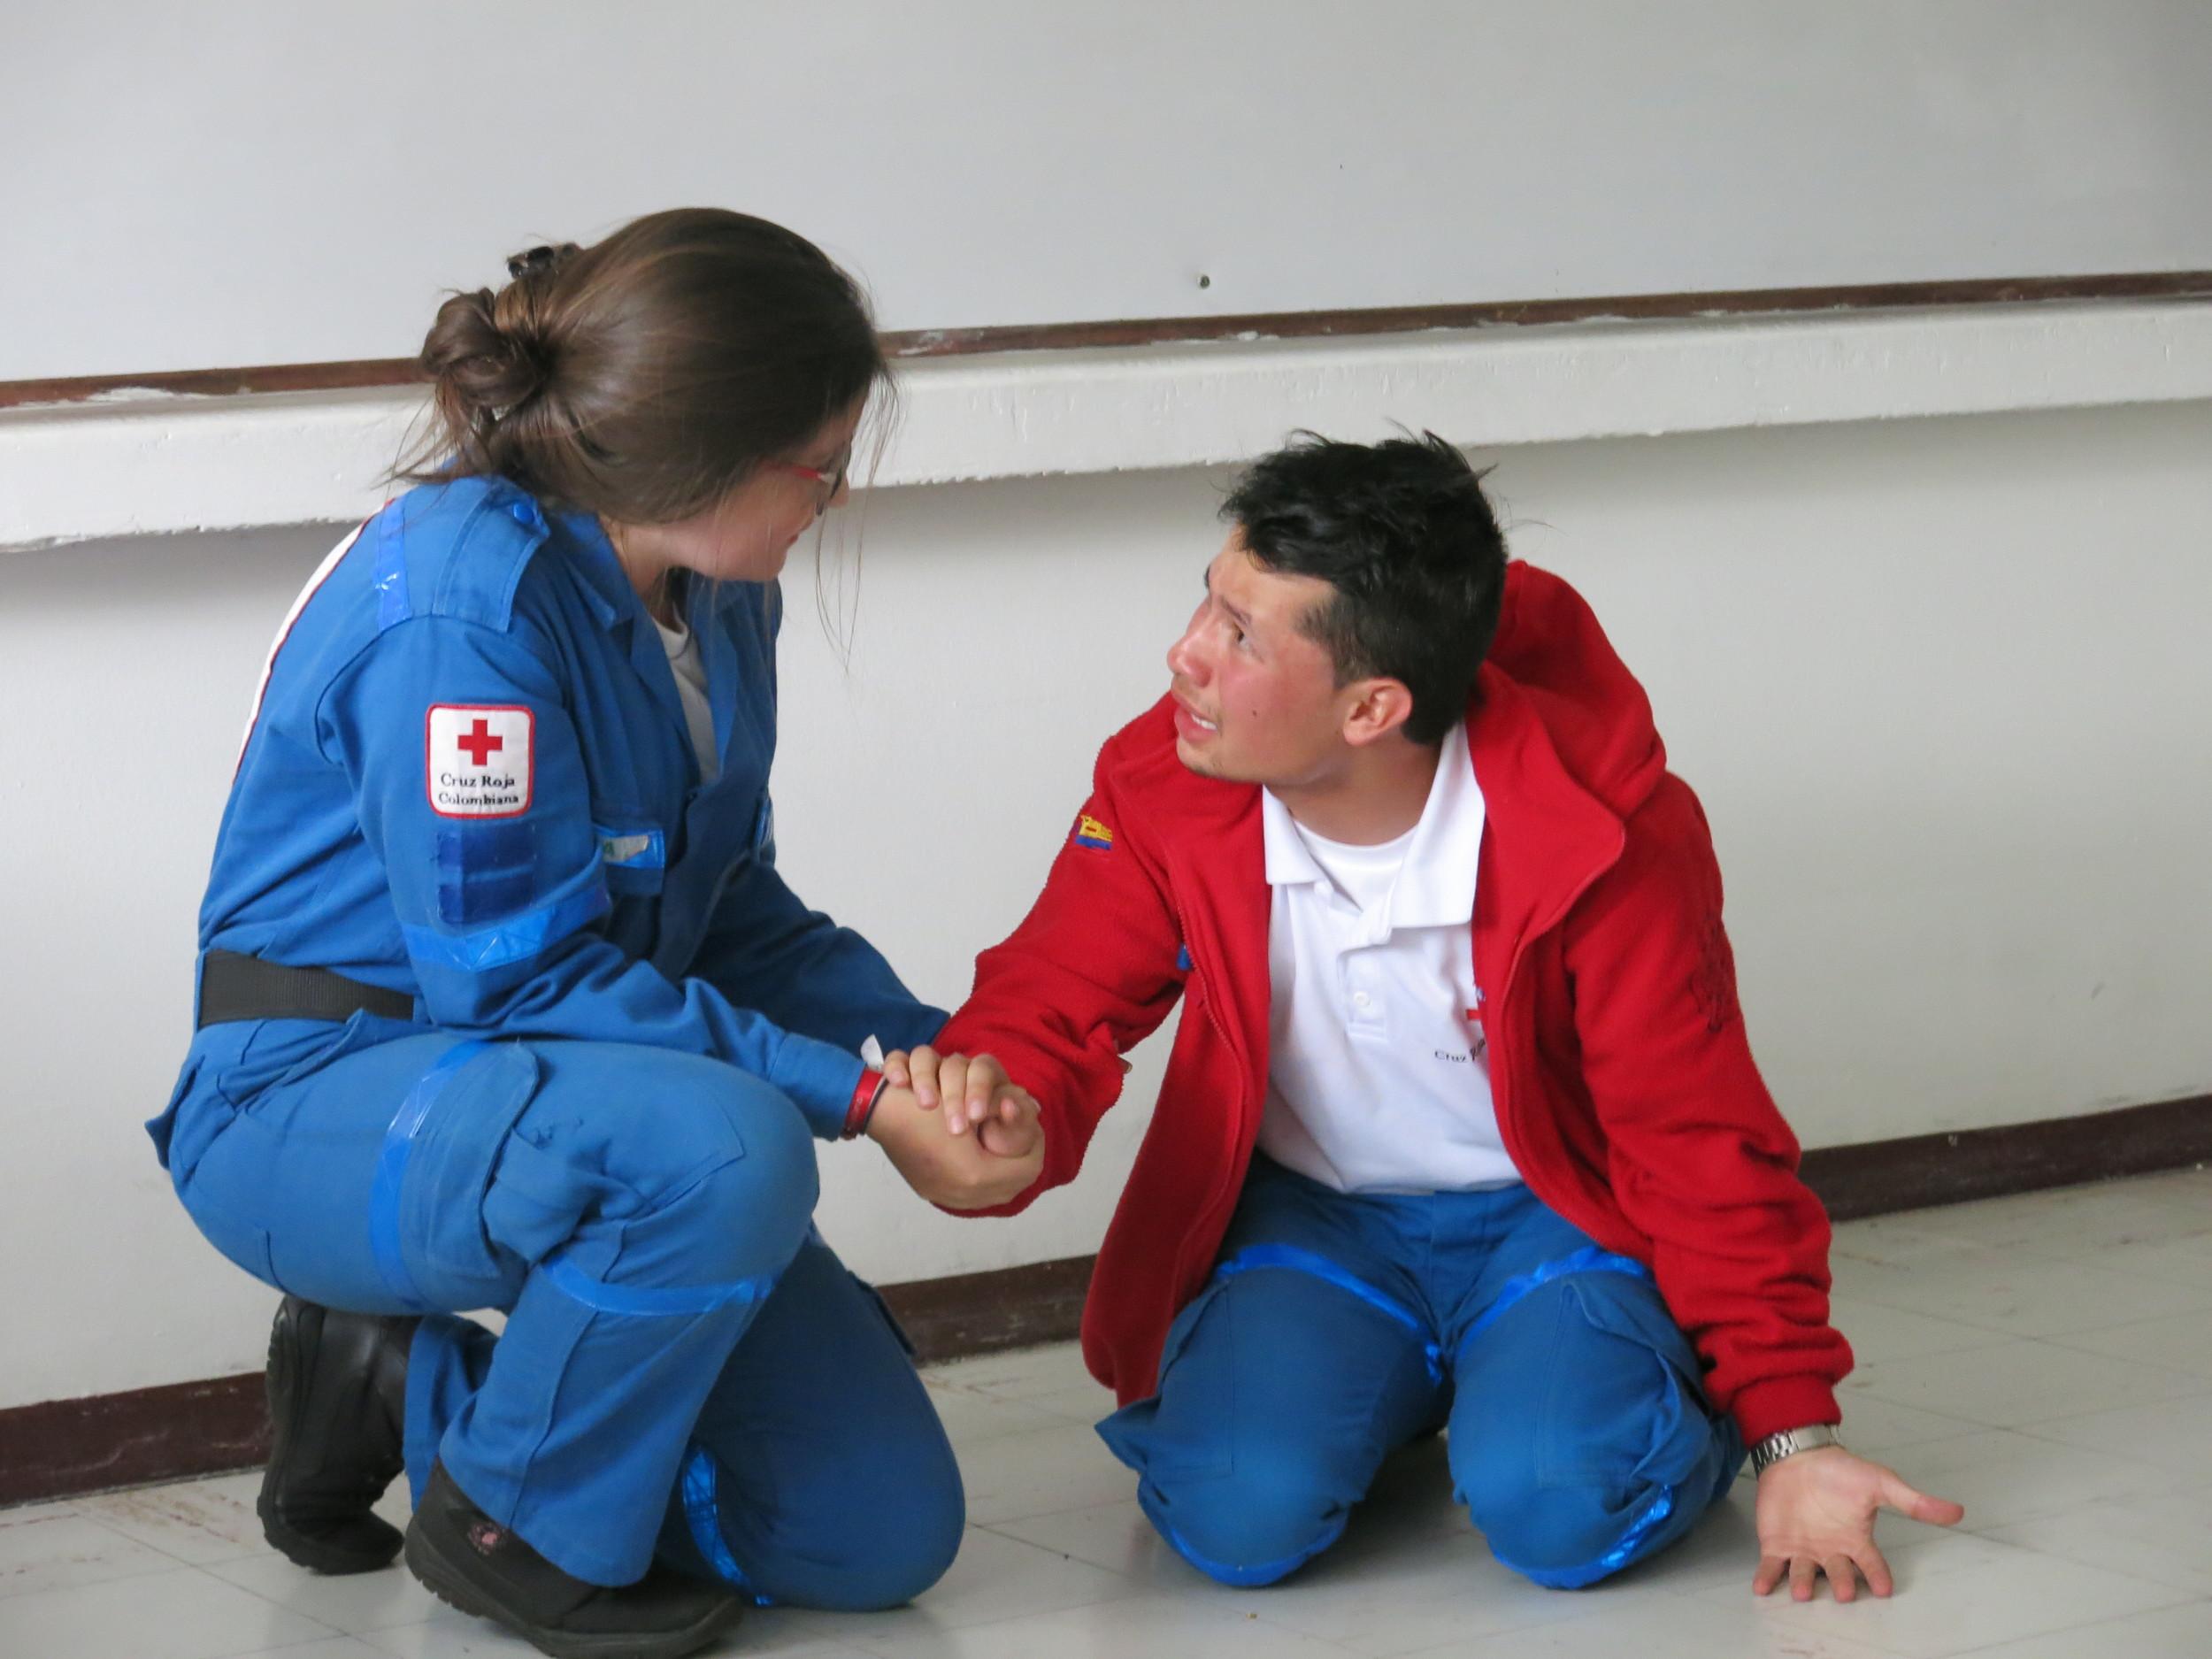 Revisando los casos de intervencion y utilizando el juego de roles para aprender como apoyar a personas en situacion de crisis.  // The volunteers used role play to learn how to provide psycosocial first aid to someone in crisis.